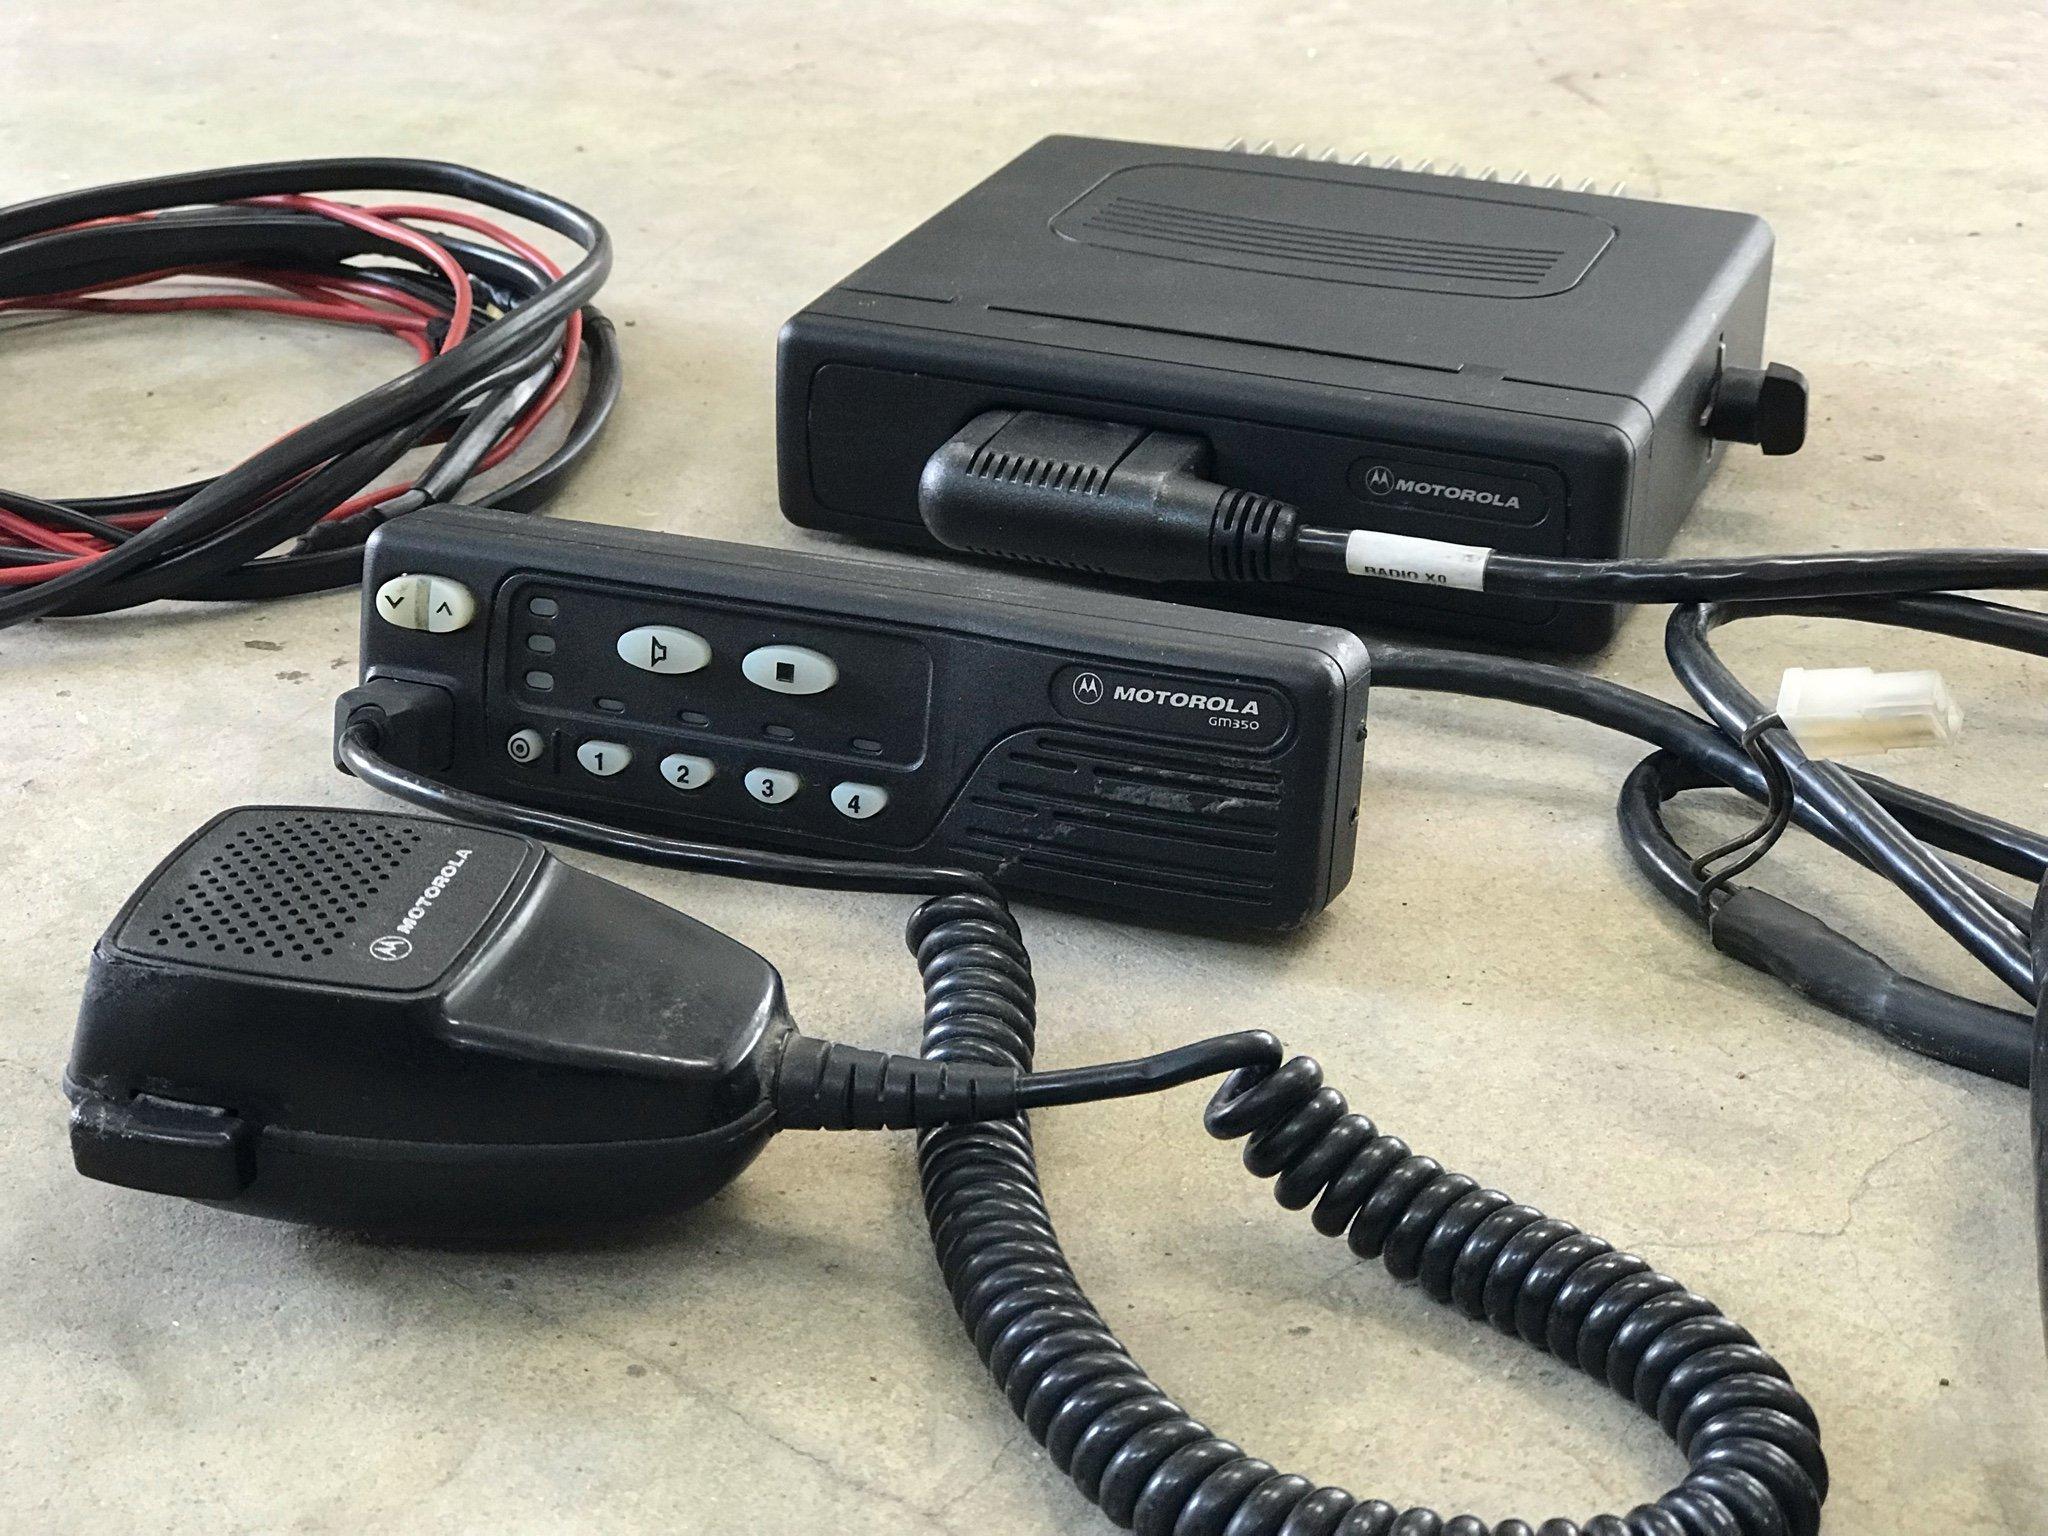 Motorola GM350 66-88Mhz Komradio (355306778) ᐈ Köp på Tradera